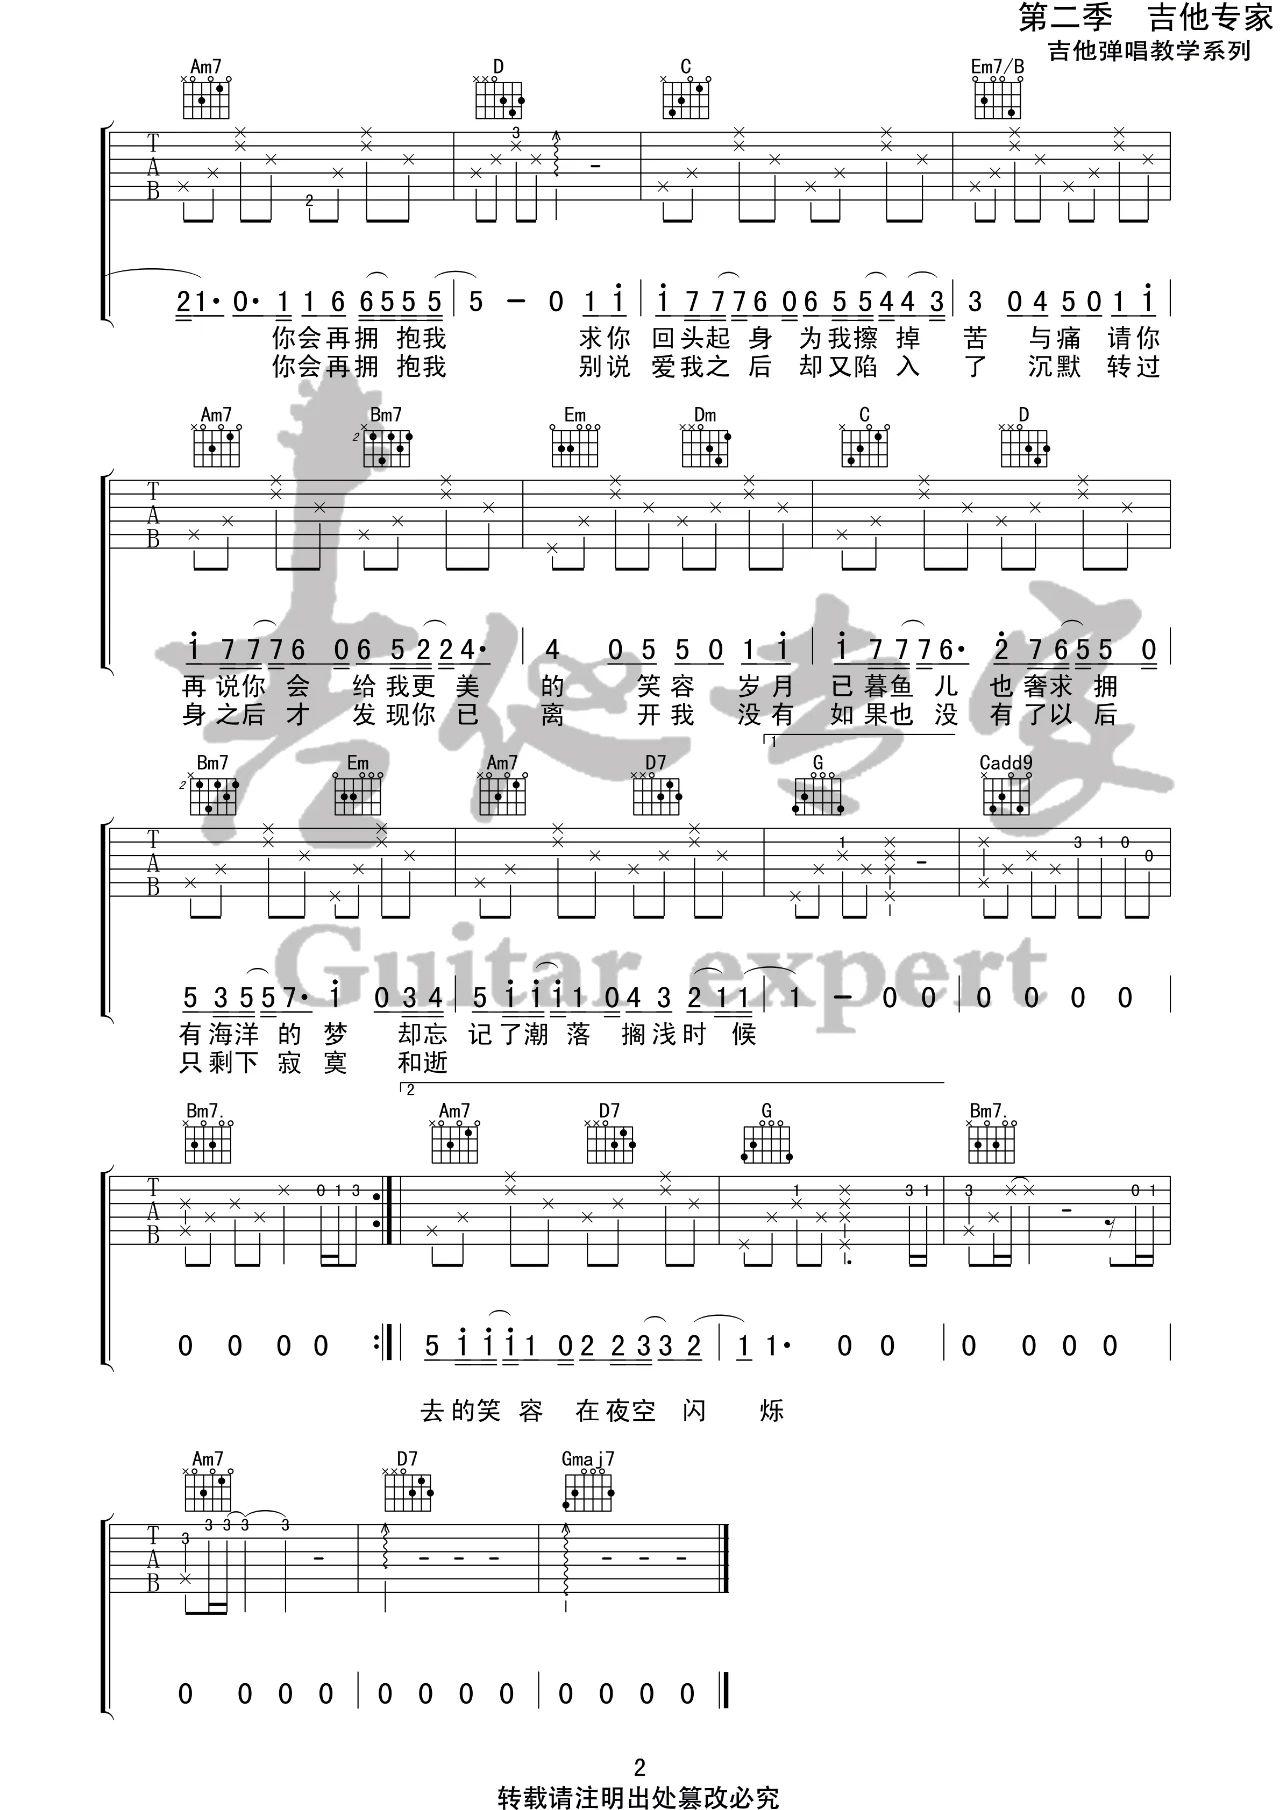 吉他派岁月忽已暮吉他谱-2